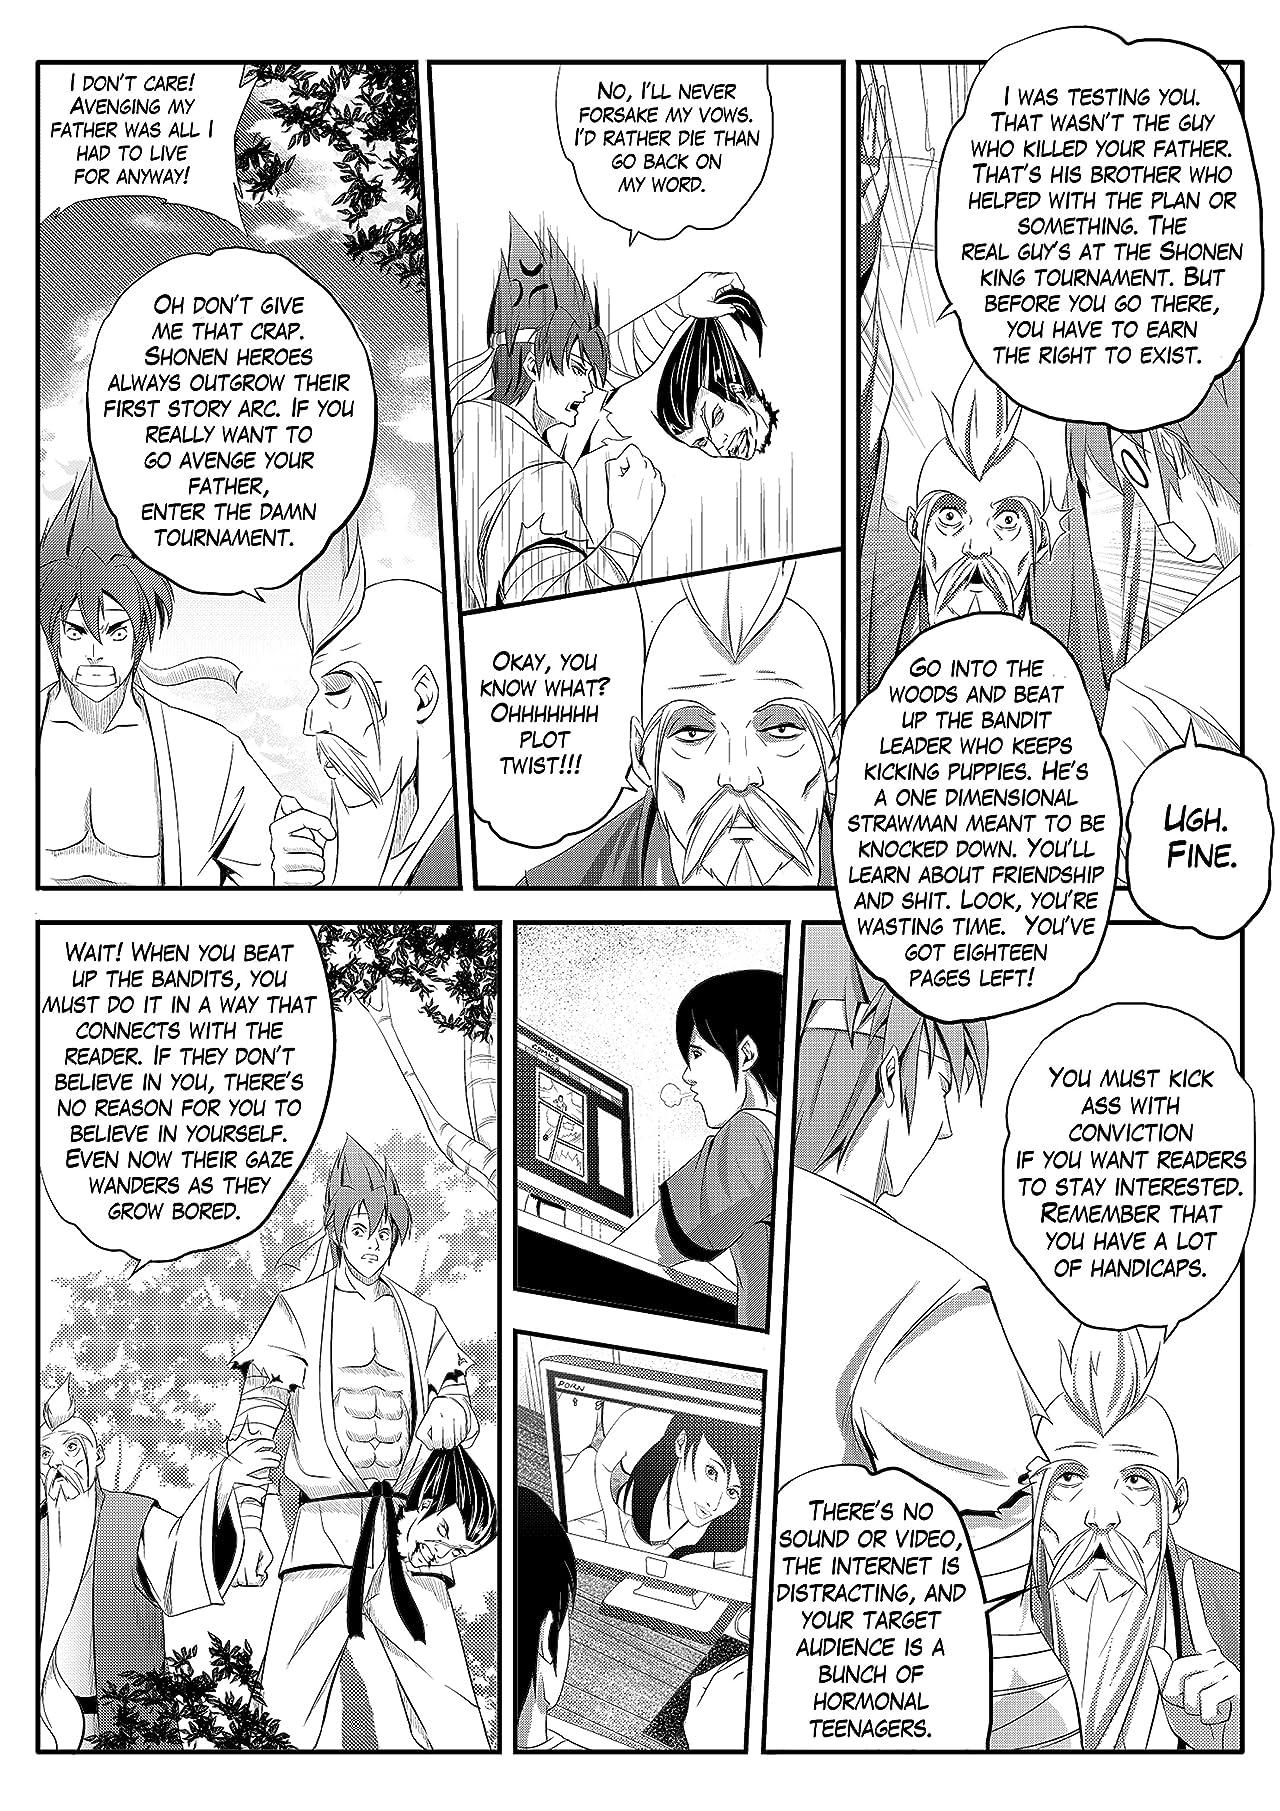 Shonen King #0